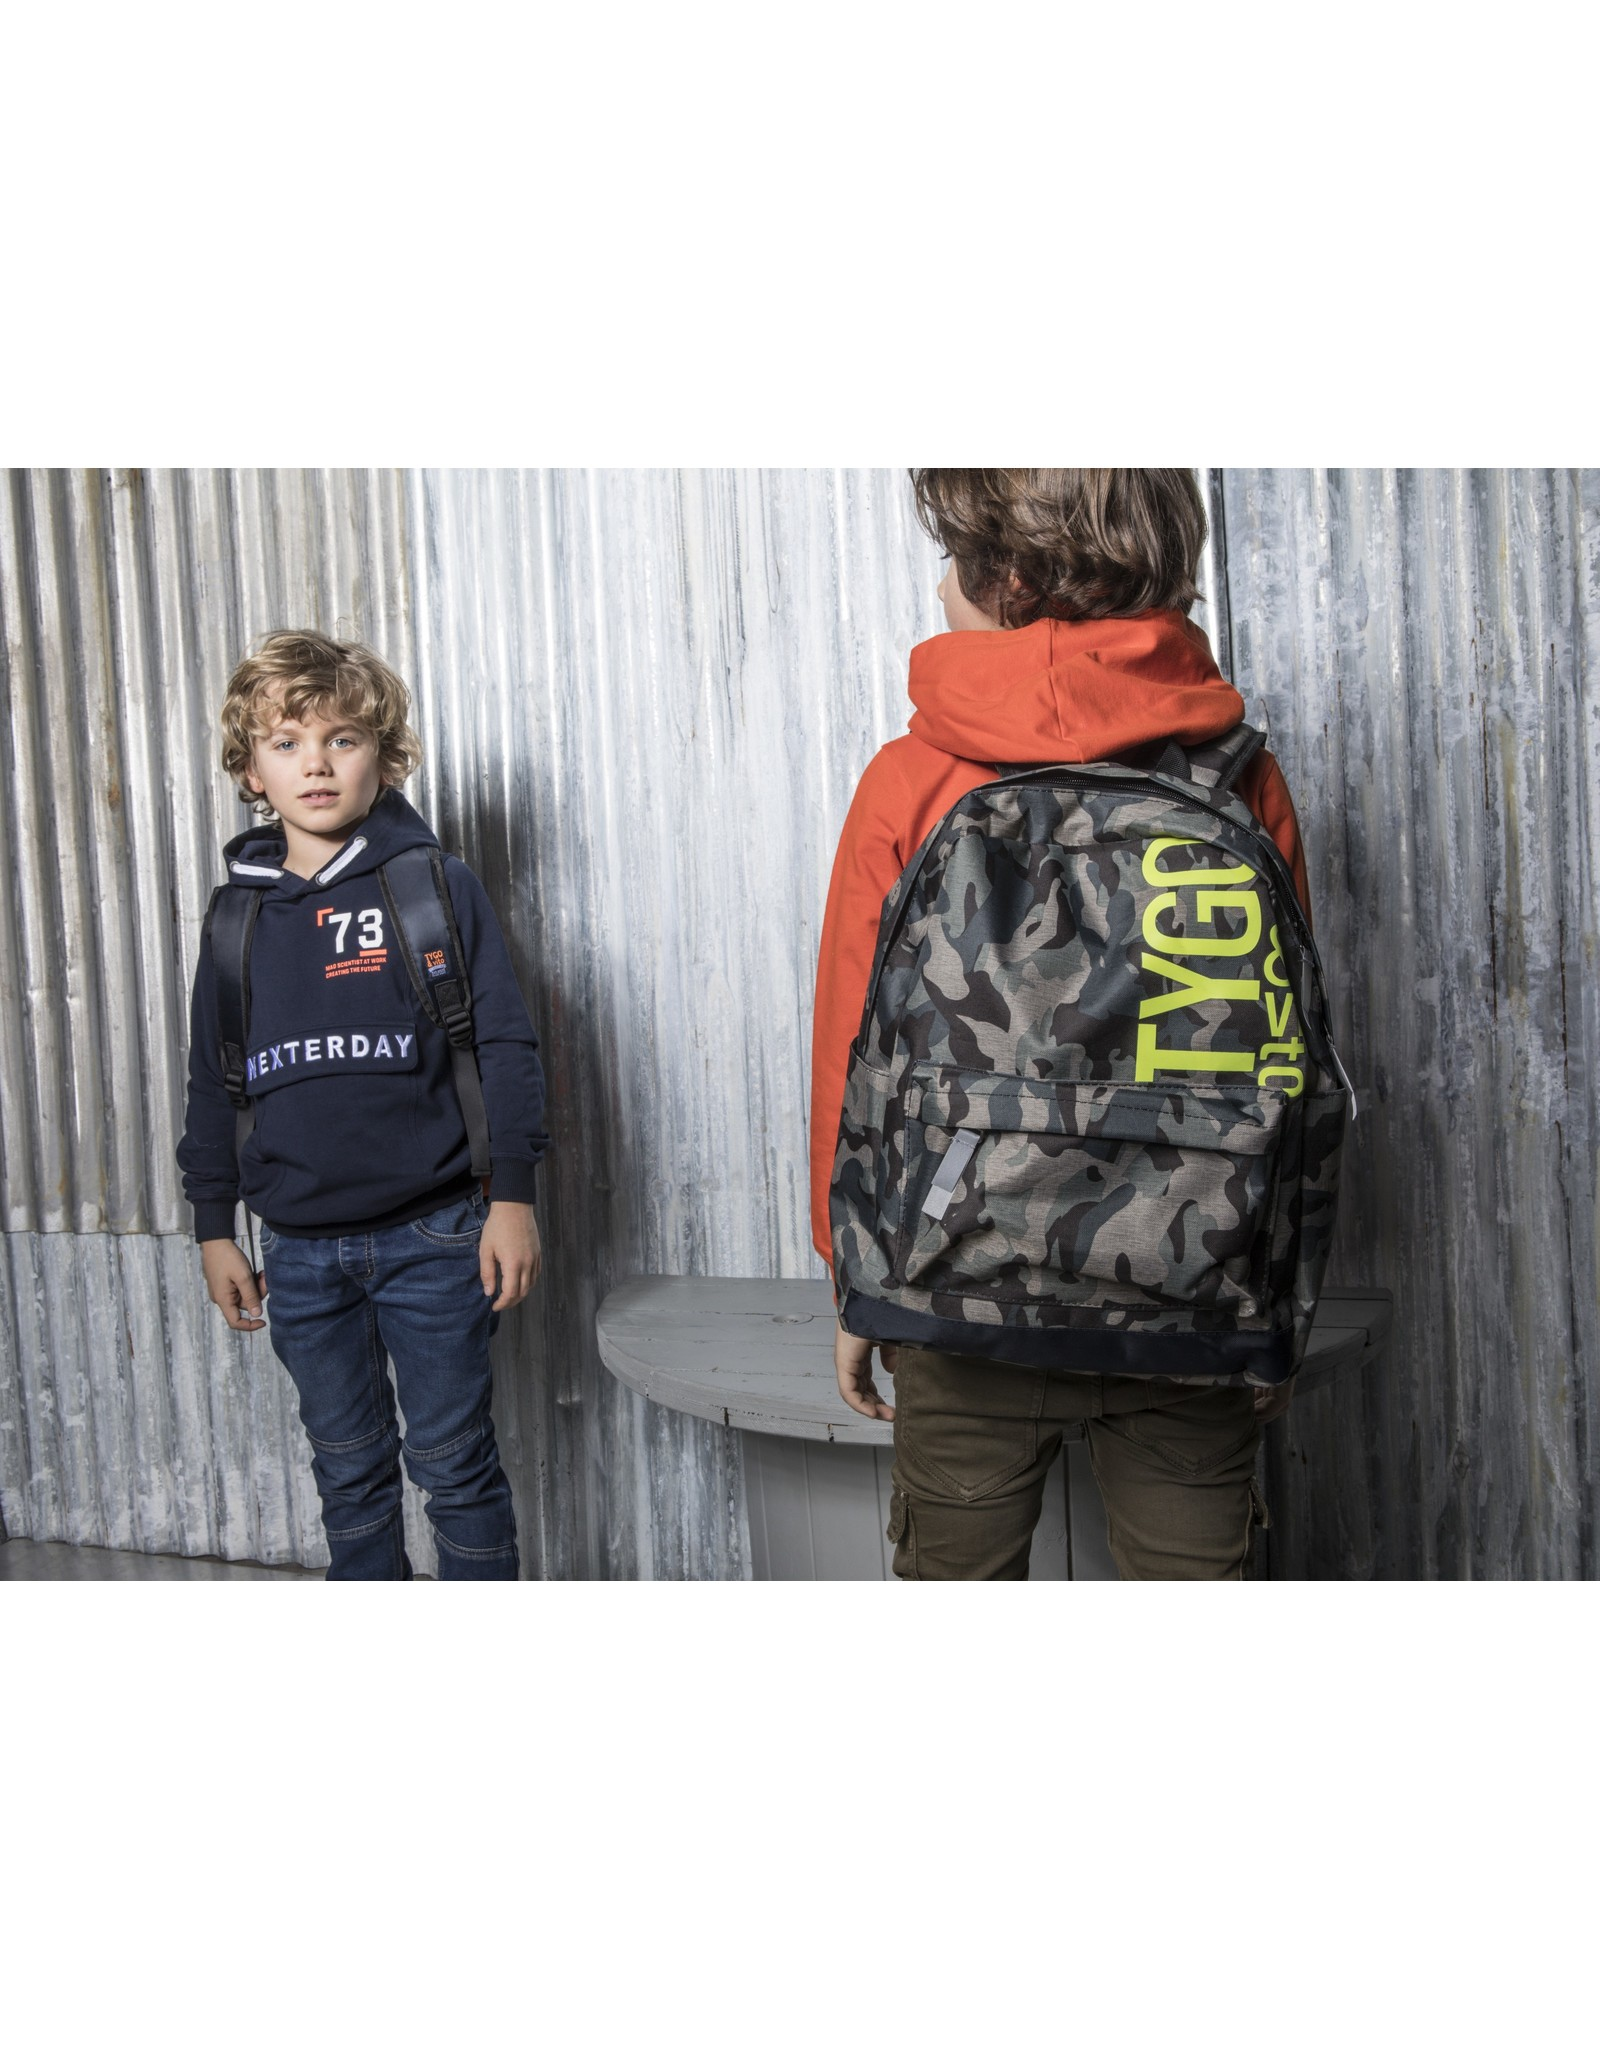 Tygo & Vito T&v hoodie fake anorak